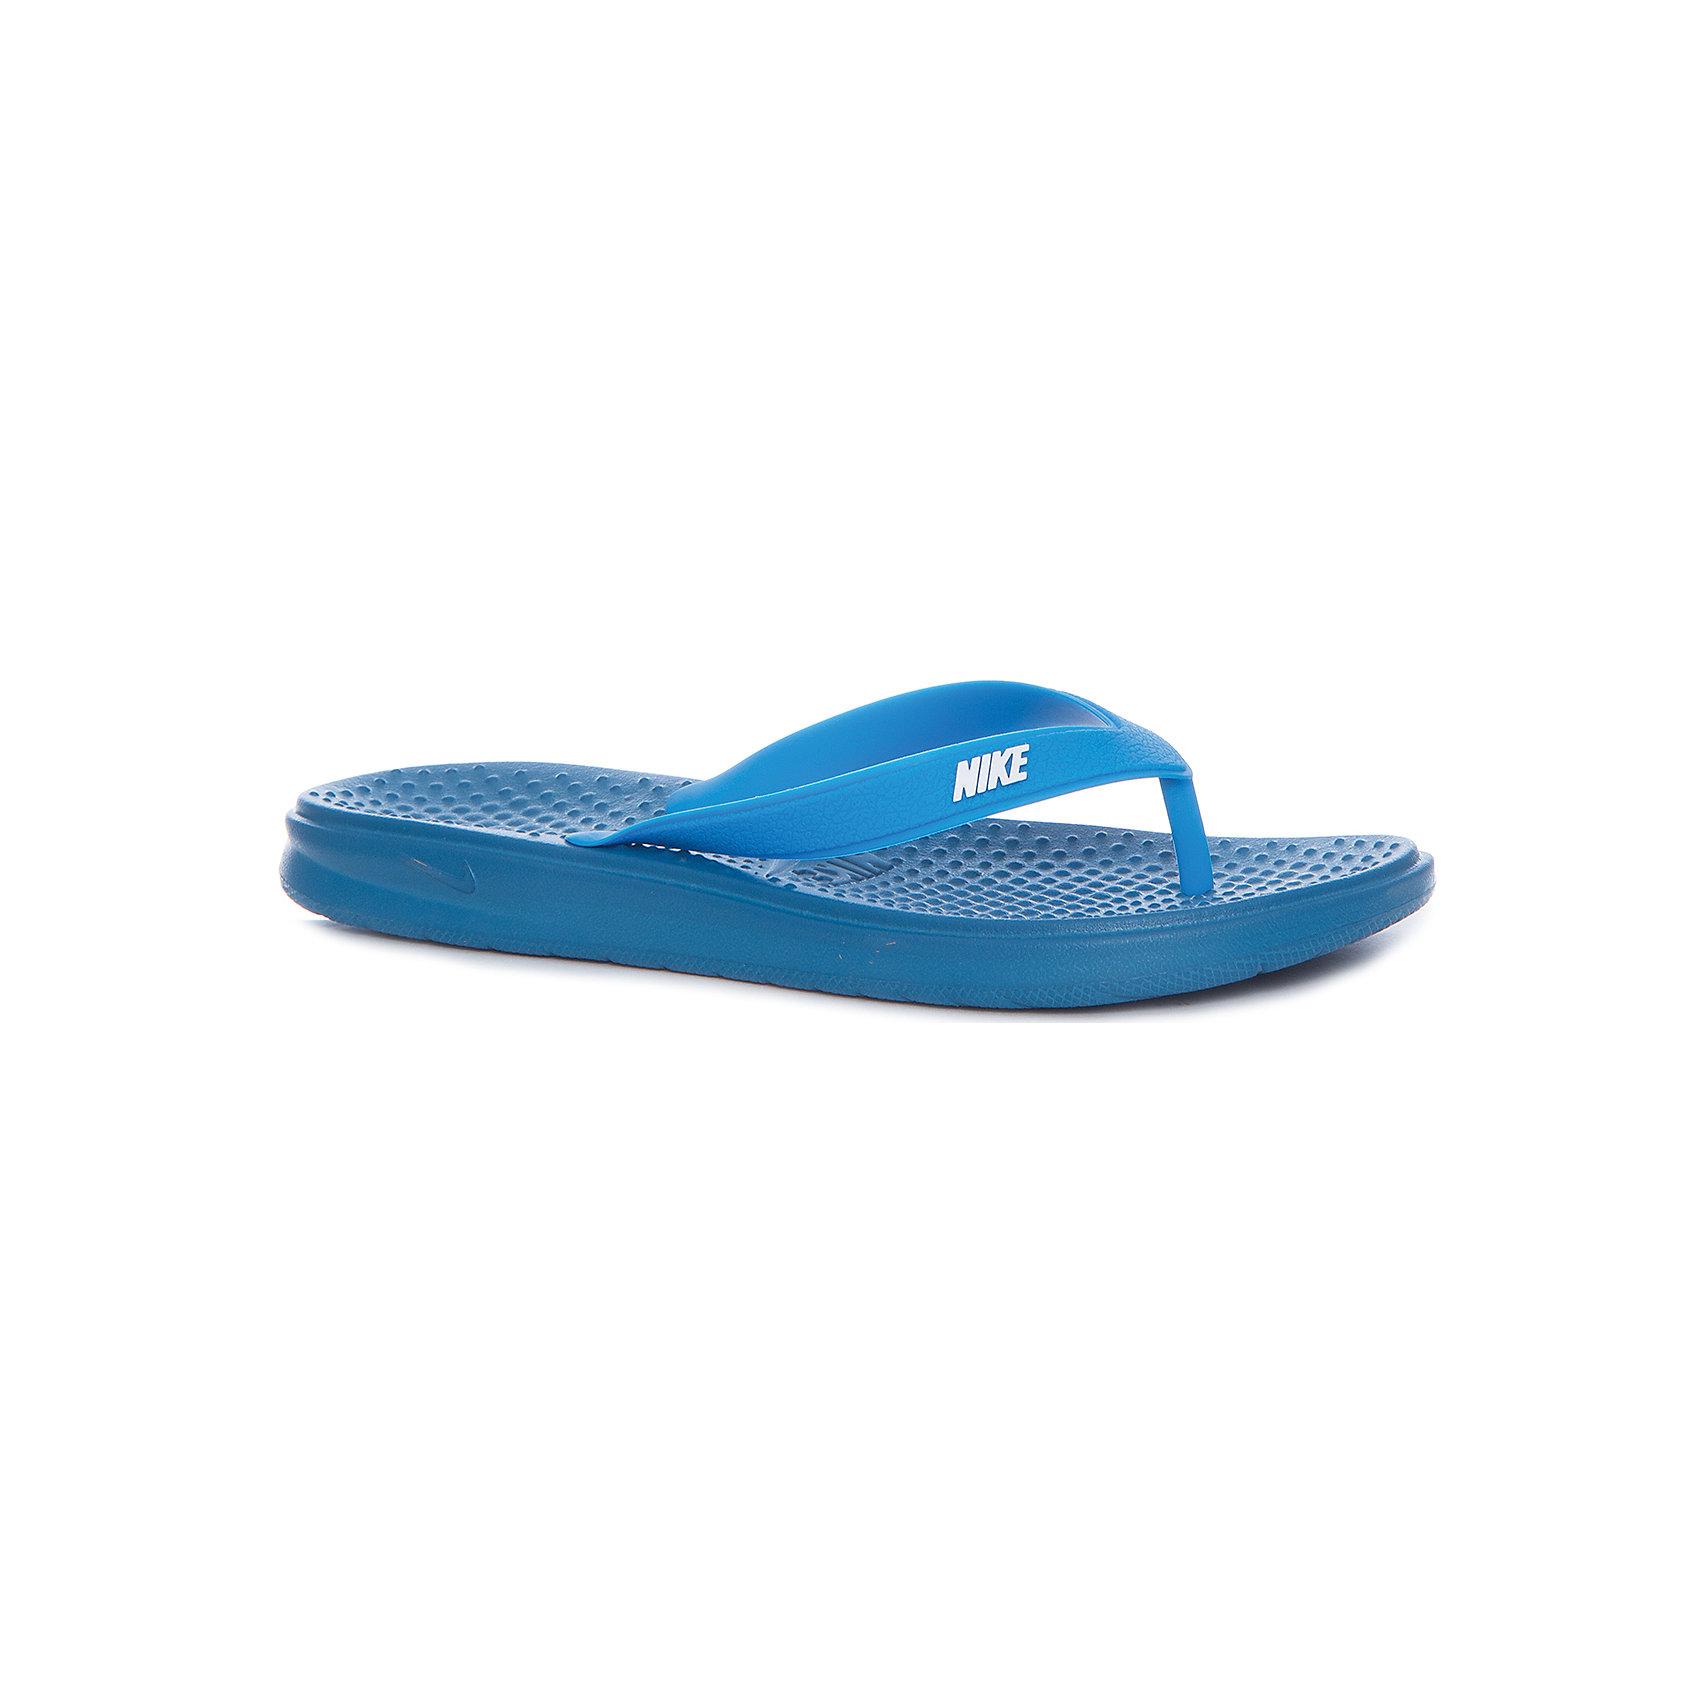 Шлепанцы NIKEПляжная обувь<br>Характеристики товара:<br><br>• цвет: синий<br>• спортивный стиль<br>• состав: полимер<br>• легкие<br>• быстросохнущий материал<br>• декорированы логотипом<br>• стелька с рельефным узором оказывает массажный эффект<br>• тип застежки: нет<br>• сезон: лето<br>• температурный режим: от +20°С<br>• устойчивая подошва<br>• хорошее сцепление с поверхностью<br>• износостойкий материал<br>• коллекция: весна-лето 2017<br>• страна бренда: США<br>• страна изготовитель: Индонезия<br><br>Продукция бренда NIKE известна высоким качеством, уникальным узнаваемым дизайном и проработанными деталями, которые создают удобство при занятиях спортом и долгой ходьбе. Качественный материал помогает этой модели обеспечить ребенку комфорт и предотвратить натирание.<br><br>Уход за такой обувью прост, она легко чистится и быстро сушится. Надевается элементарно благодаря отсутствию застежек. <br><br>Обувь качественно проработана, она долго служит, удобно сидит, отлично защищает детскую ногу от повреждений. Стильно выглядит и хорошо смотрится с одеждой разных цветов и стилей.<br><br>Шлепанцы NIKE (Найк) можно купить в нашем интернет-магазине.<br><br>Ширина мм: 248<br>Глубина мм: 135<br>Высота мм: 147<br>Вес г: 256<br>Цвет: синий<br>Возраст от месяцев: 168<br>Возраст до месяцев: 1188<br>Пол: Унисекс<br>Возраст: Детский<br>Размер: 39,35.5,37,38<br>SKU: 6676673